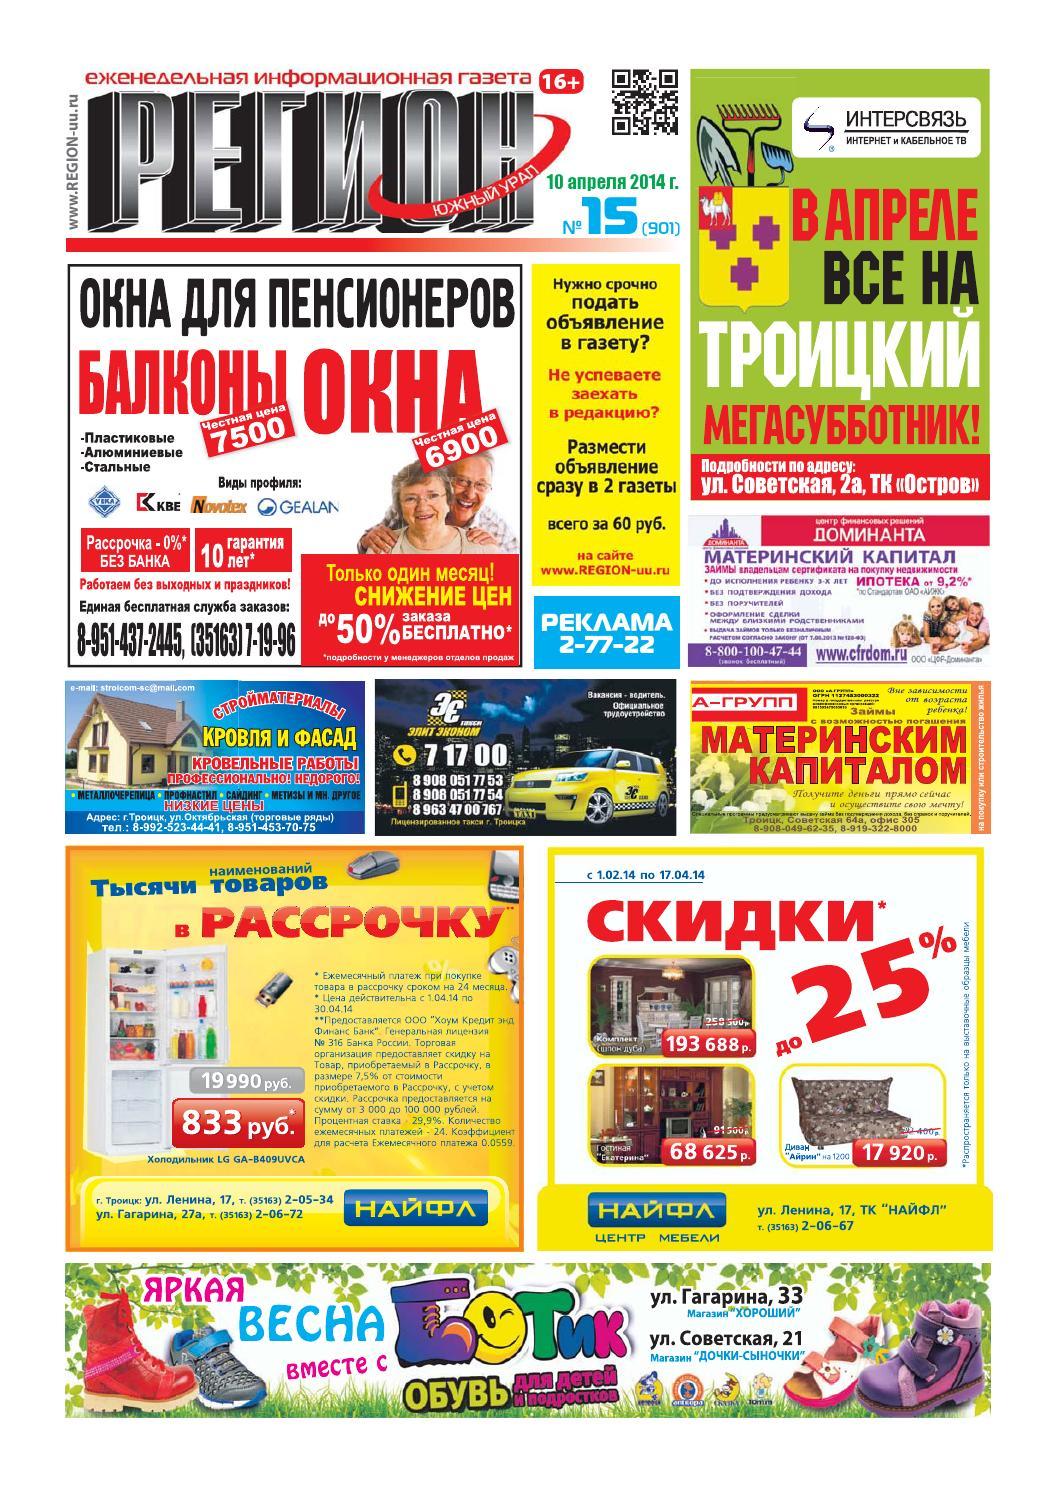 Микрофинансовые организации (МФО) в Серпухов (Московская обл.).